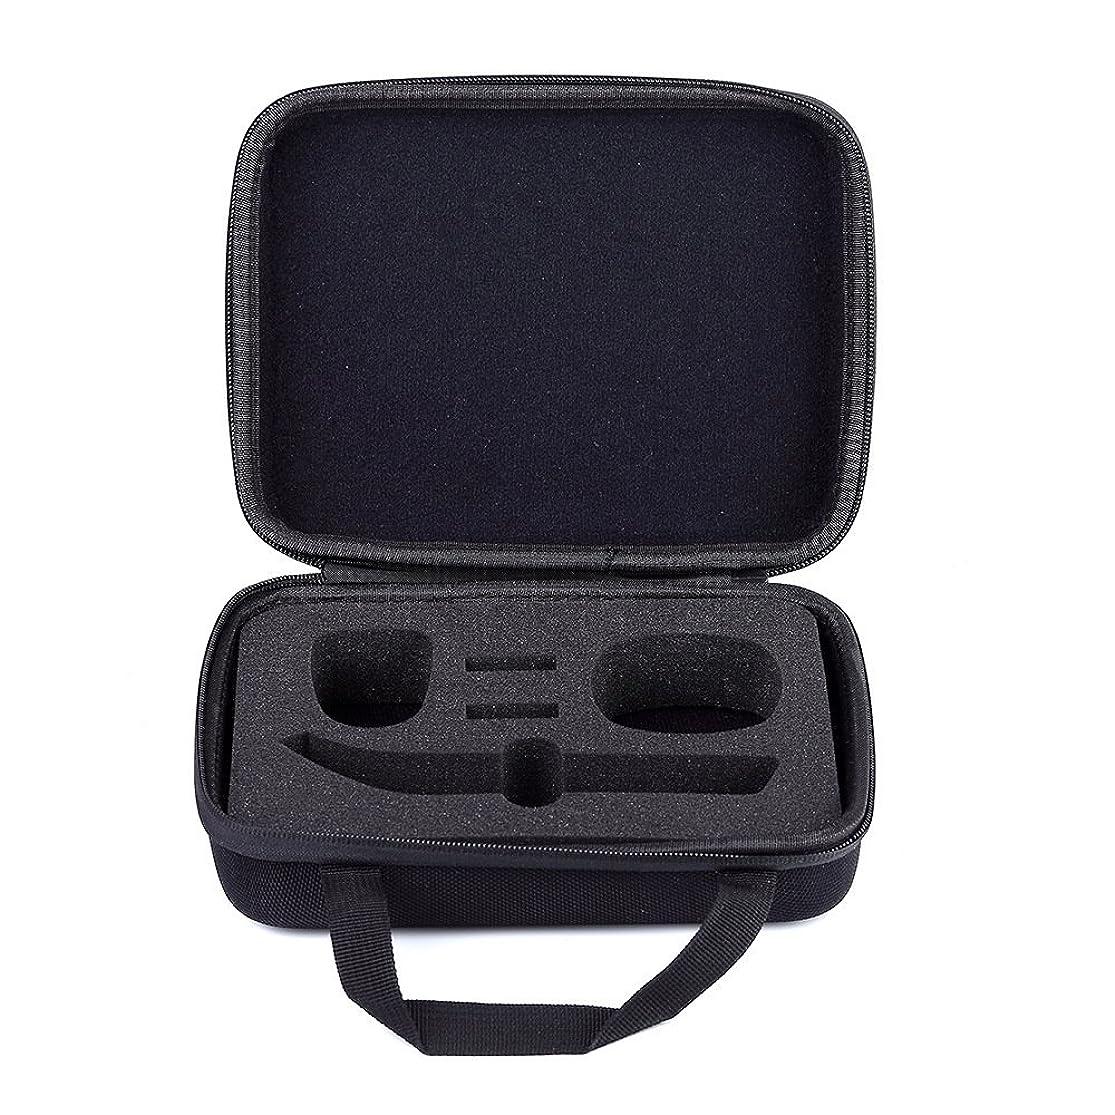 キャリッジやめる誘惑するACAMPTAR トラベルのハードバッグ、携帯用ケース、Norelco Oneblade Pro用、転倒防止、防水、実用的なPhilipsシェーバー用の収納ボックス